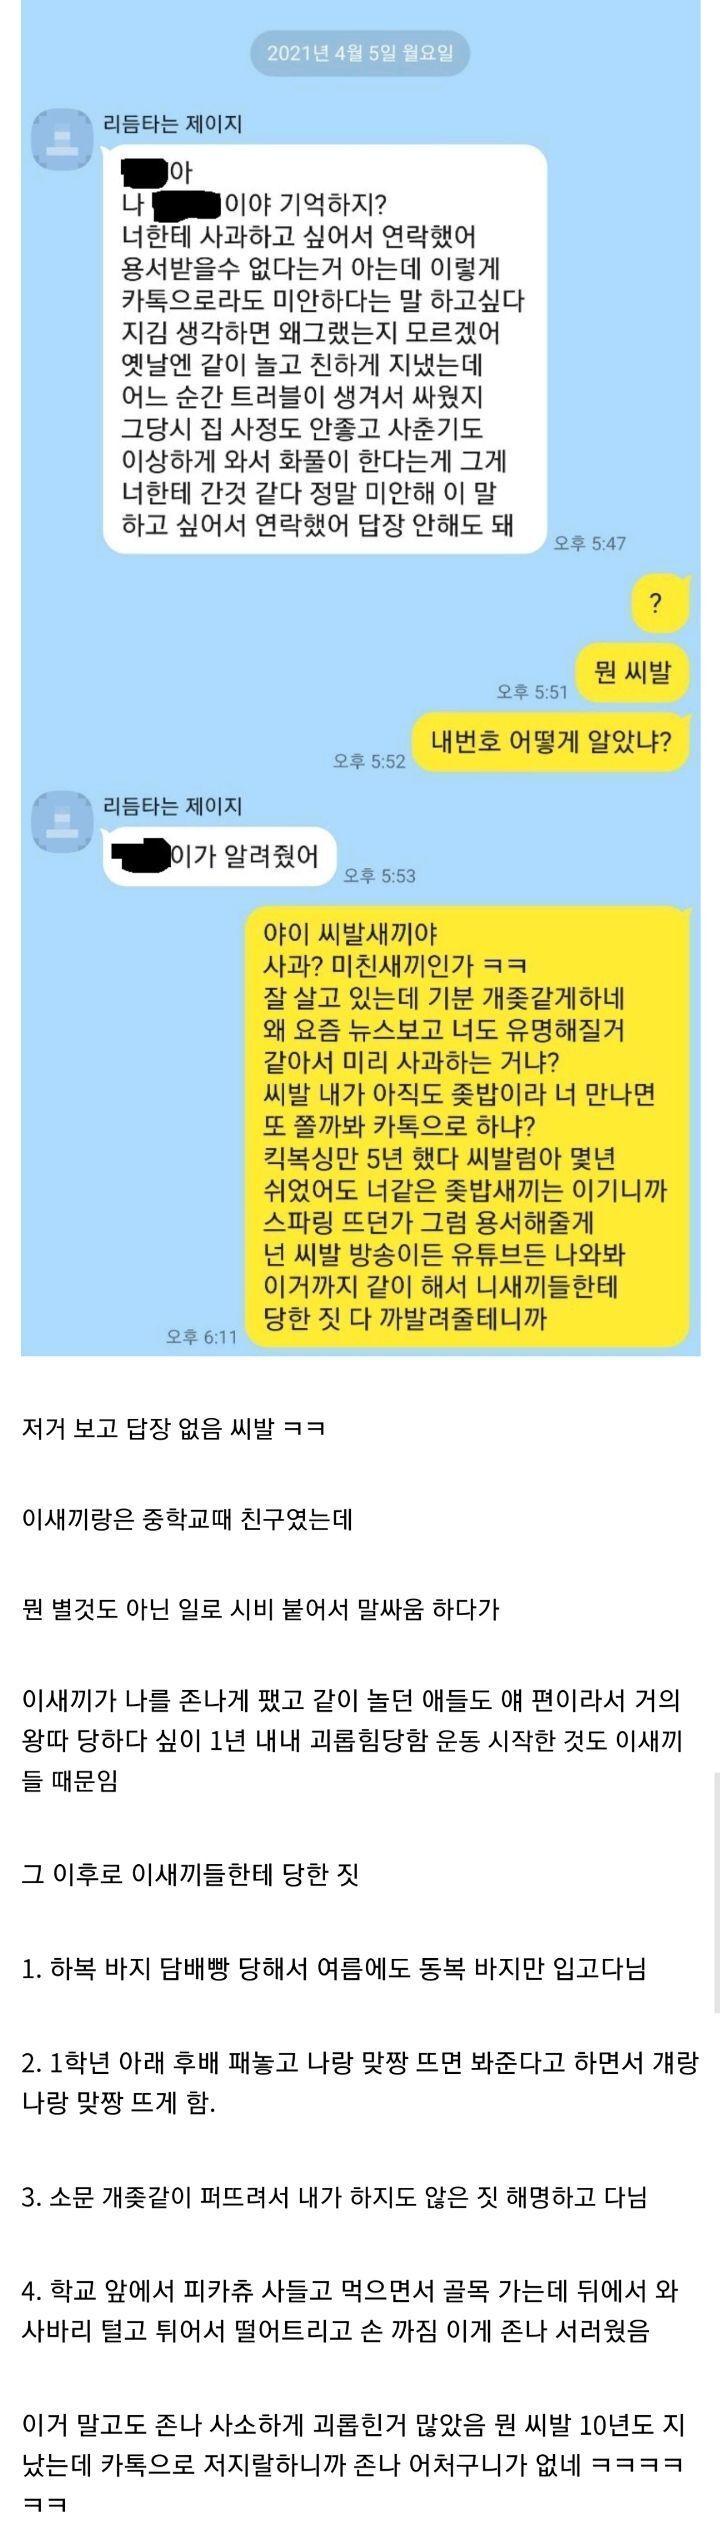 학폭 가해자한테 카톡 온 헬갤러 - 꾸르